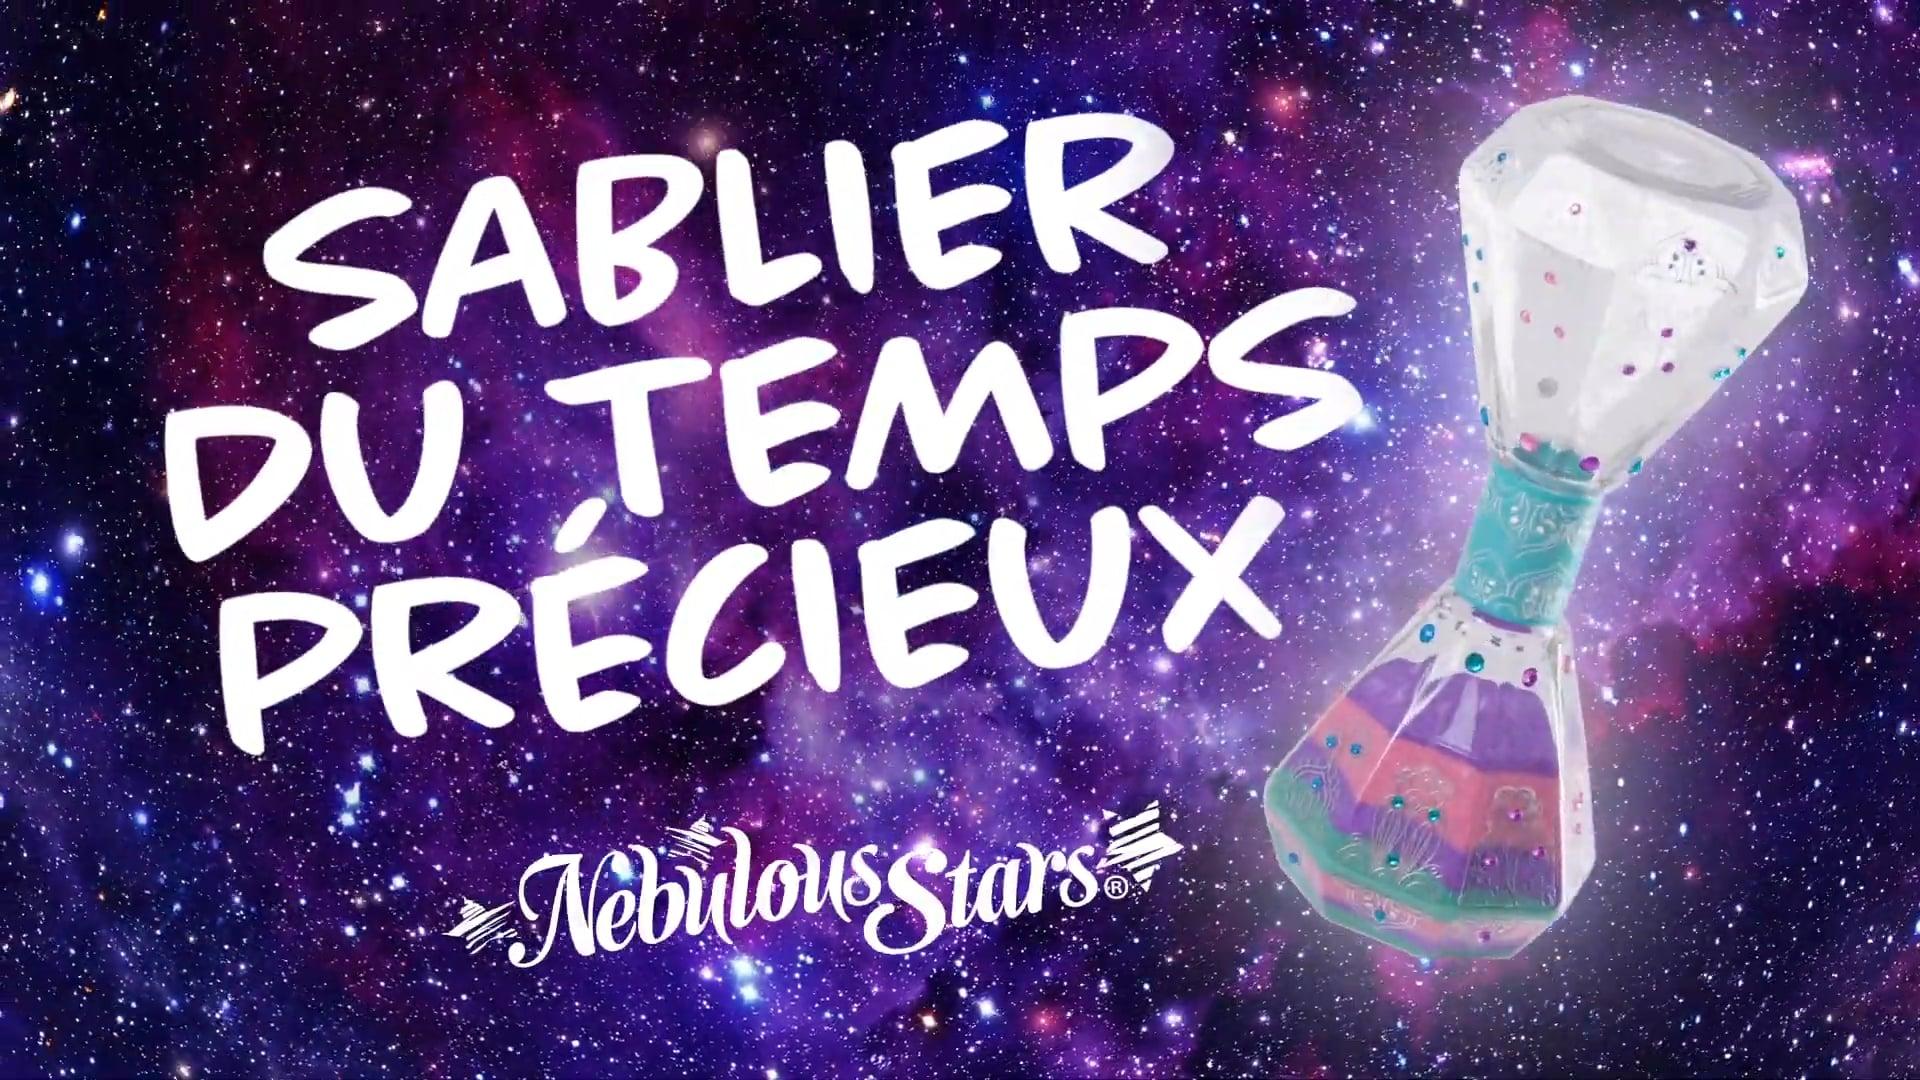 Nebulous Stars - Sablier du temps precieux